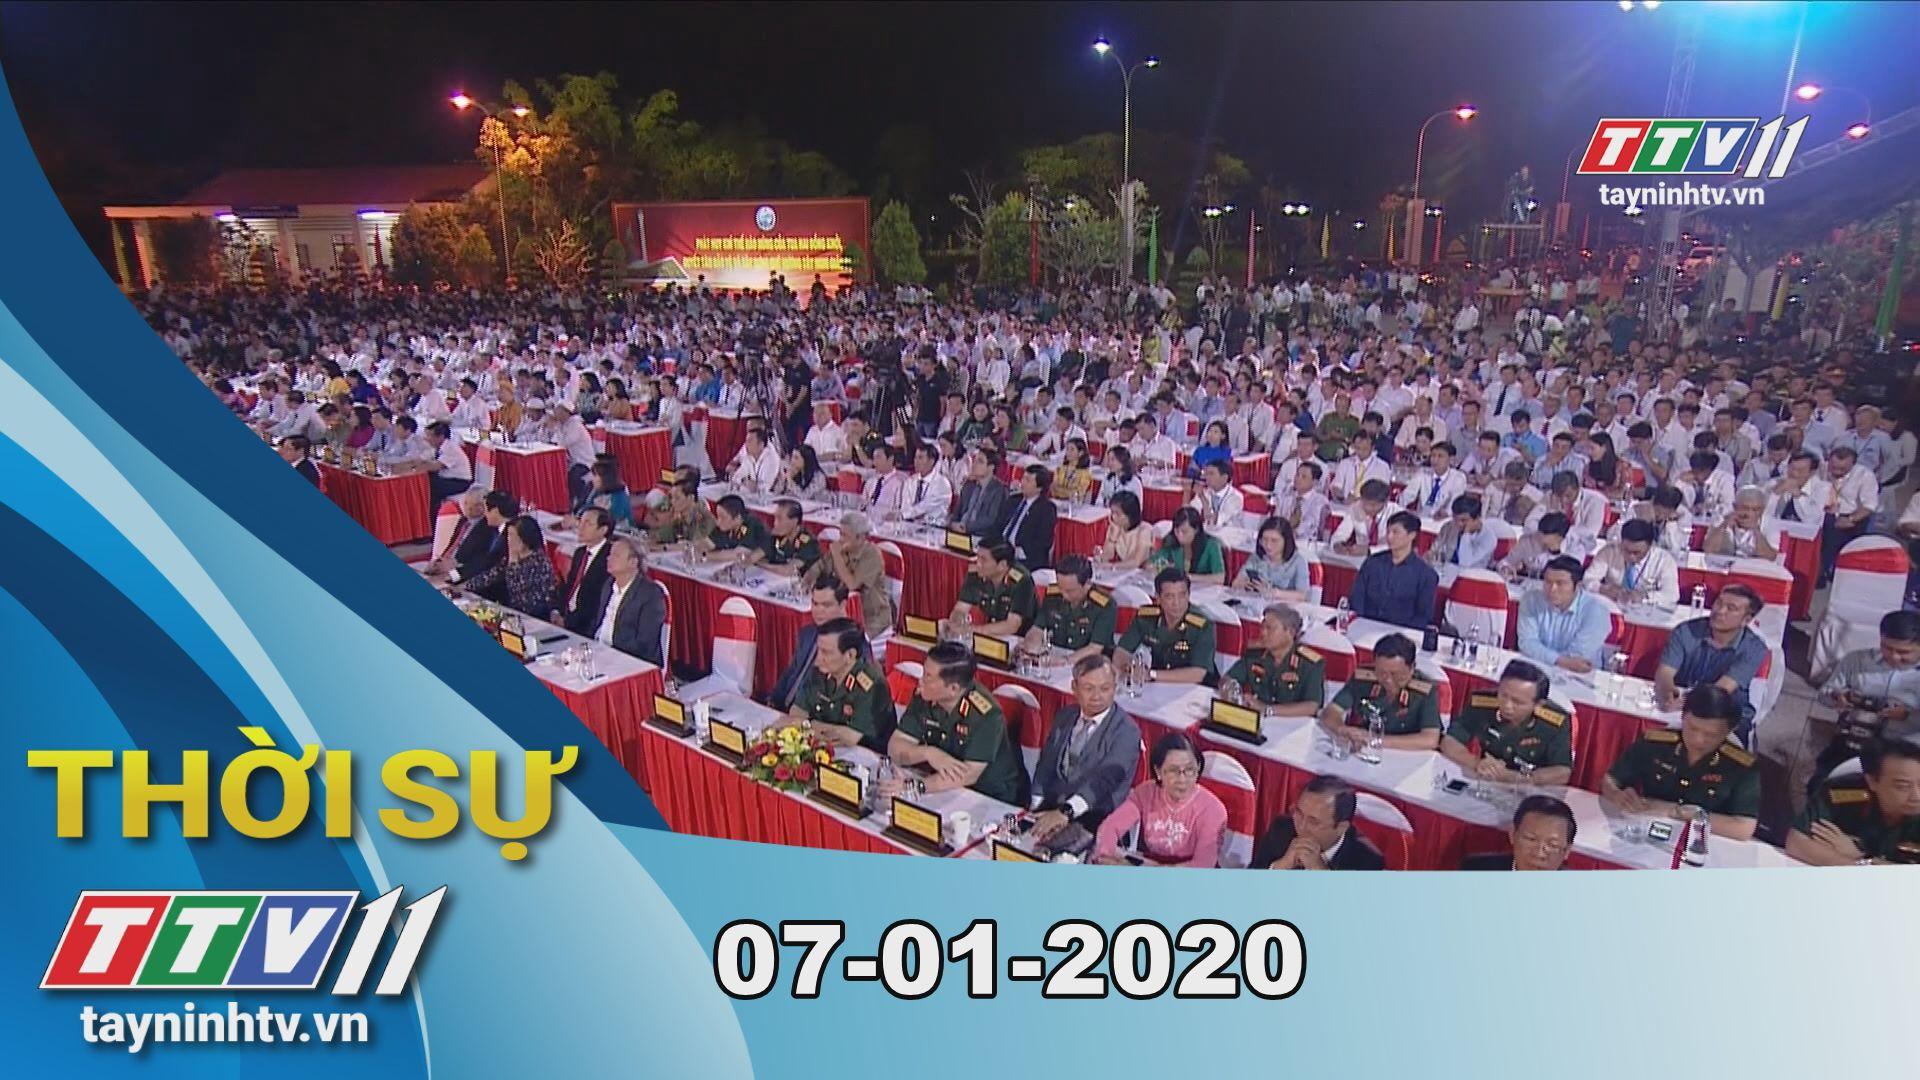 Thời sự Tây Ninh 07-01-2020 | Tin tức hôm nay | TayNinhTV